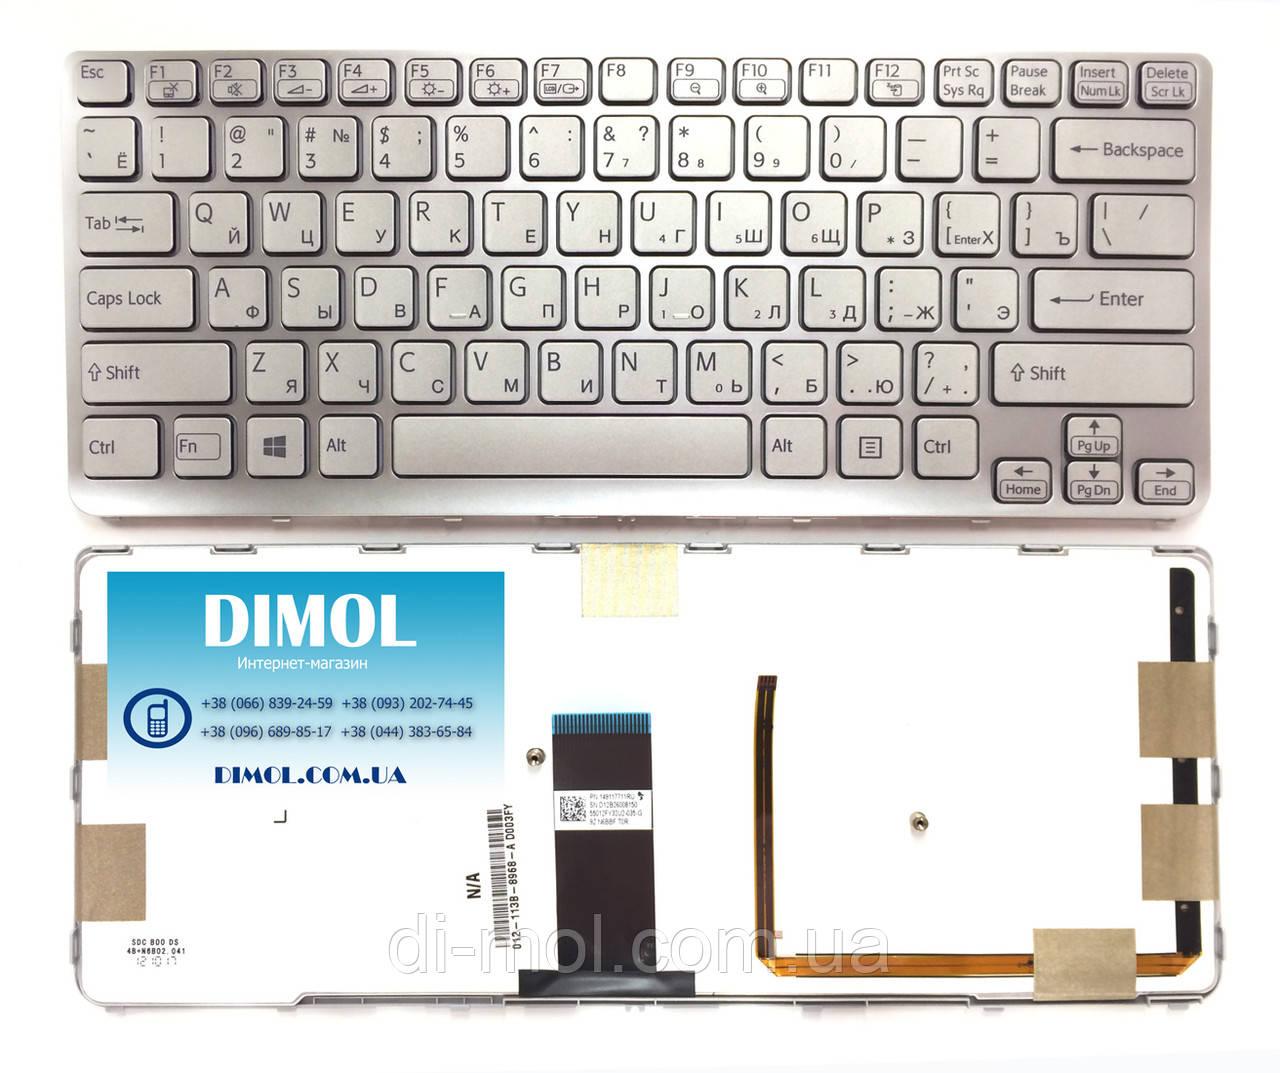 Оригінальна клавіатура для ноутбука Sony Vaio E14, SVE14 series, ru, silver, підсвітка